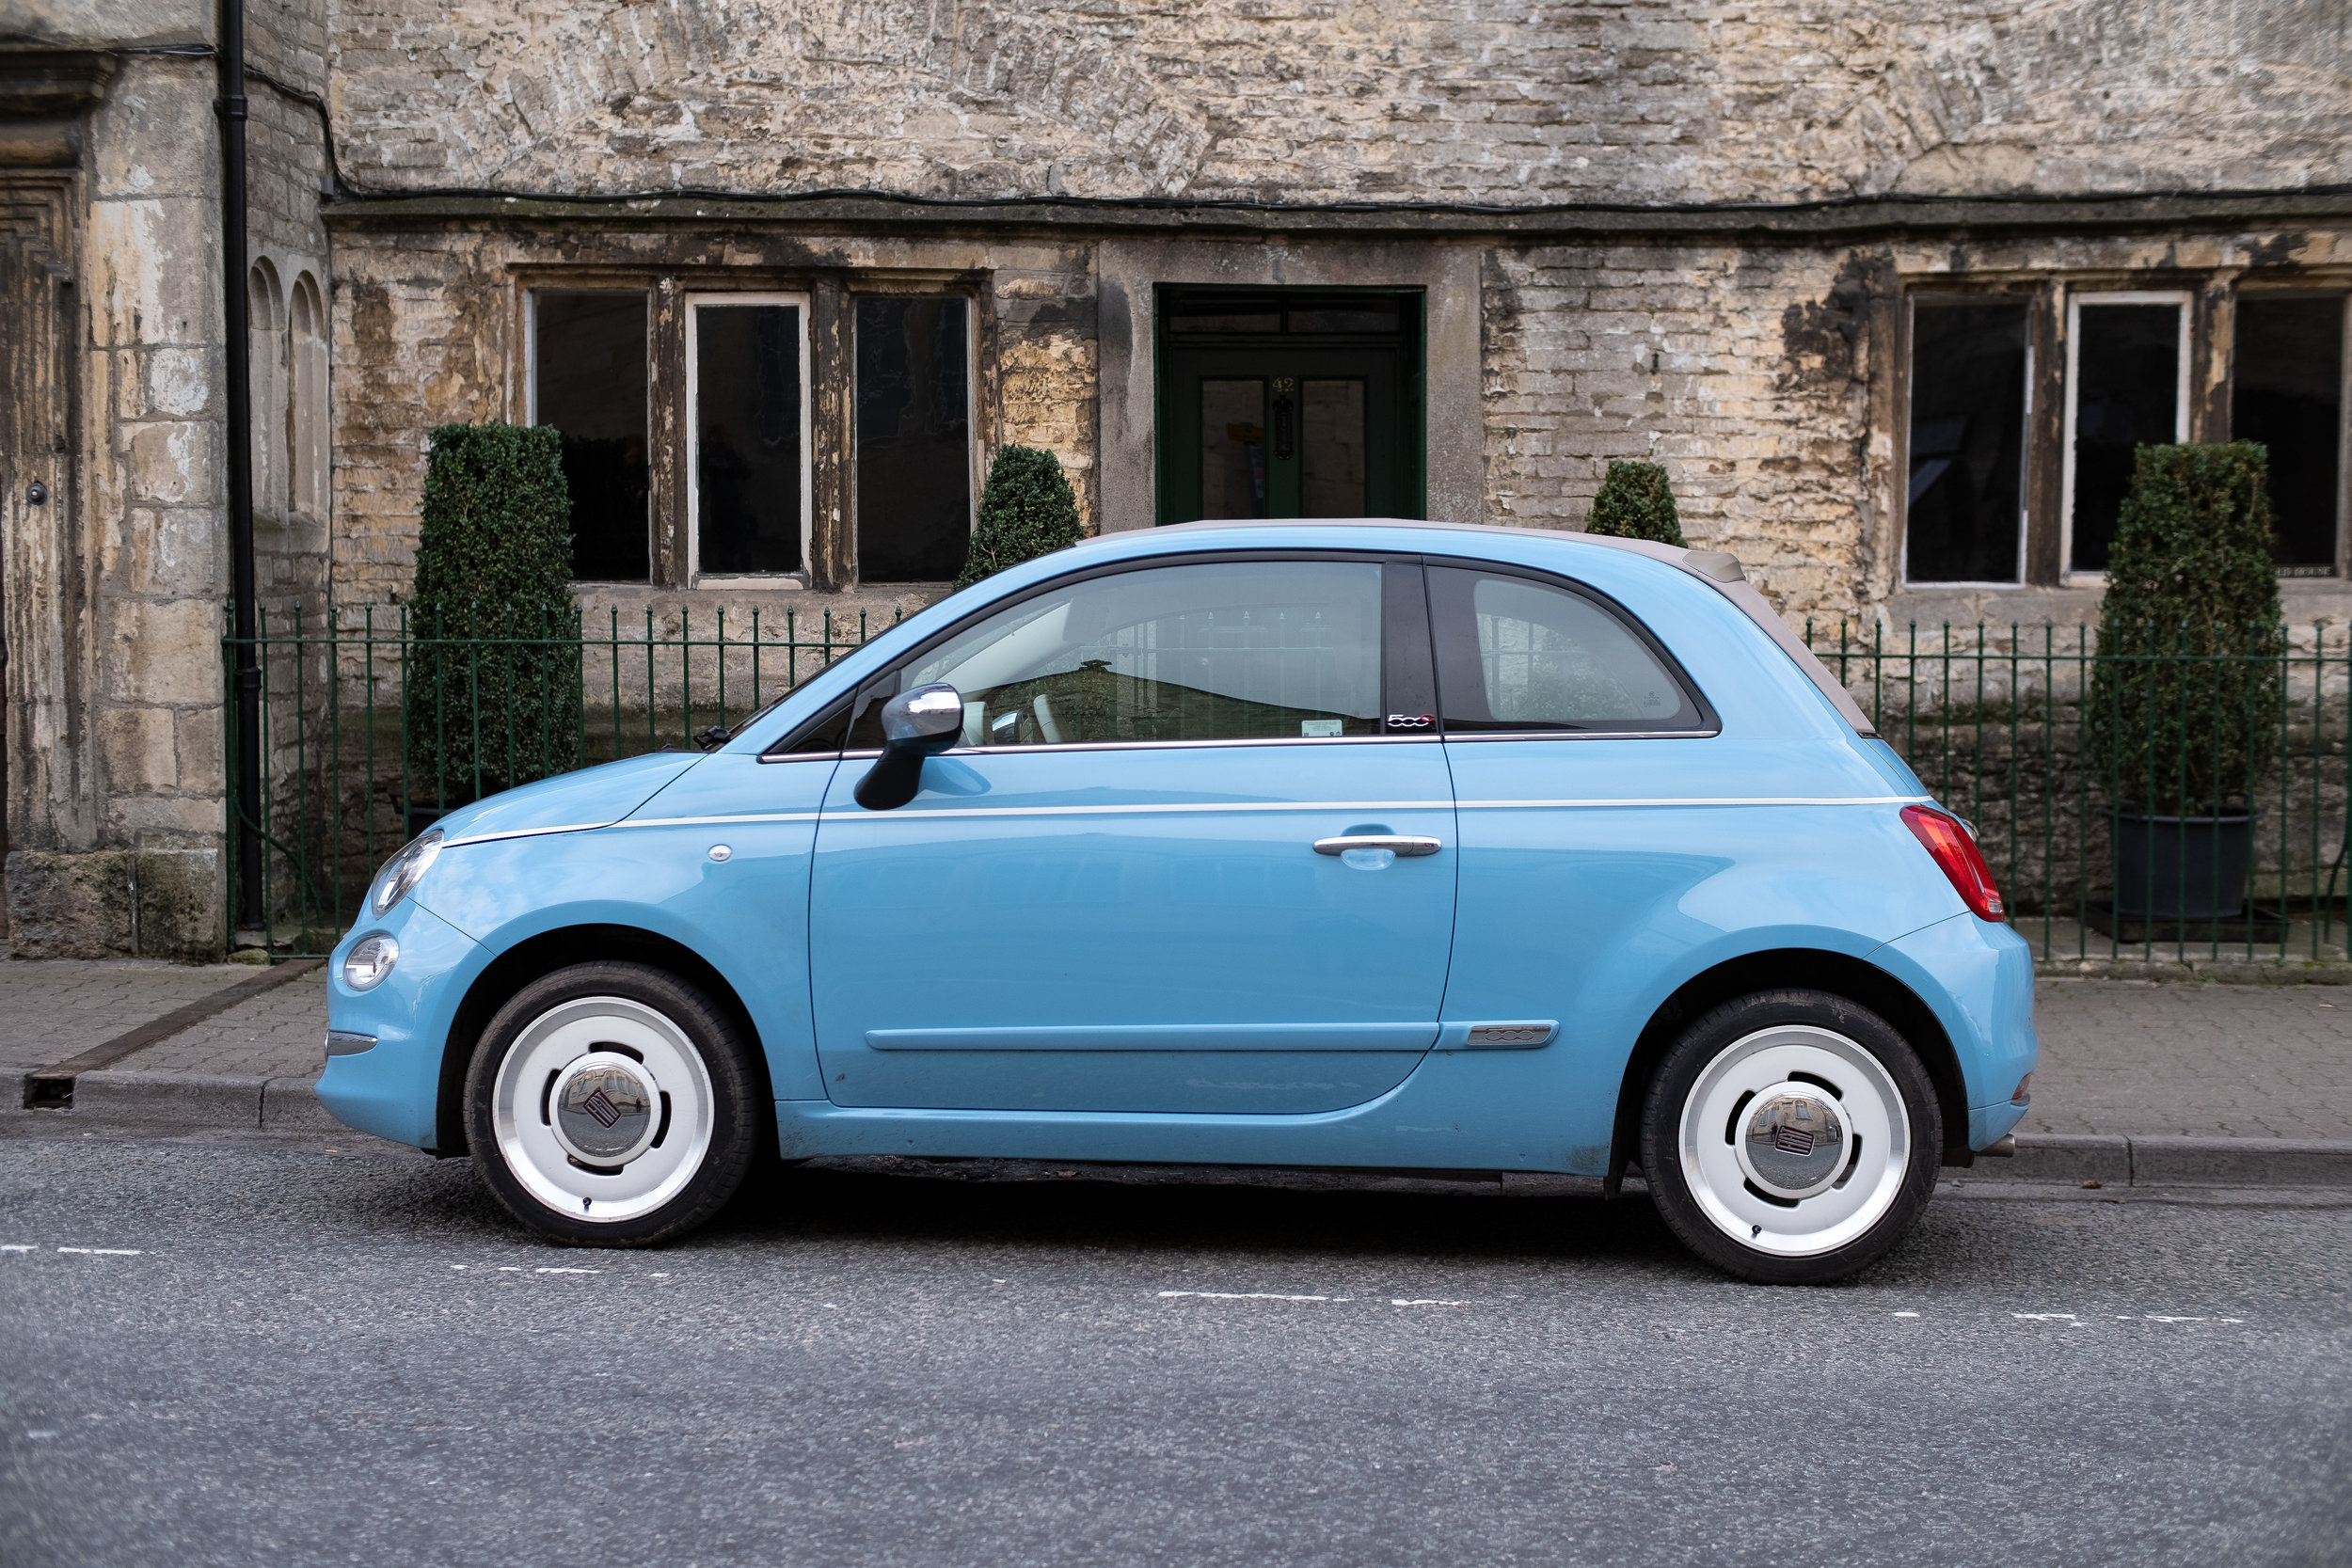 My future dream car ❤ -